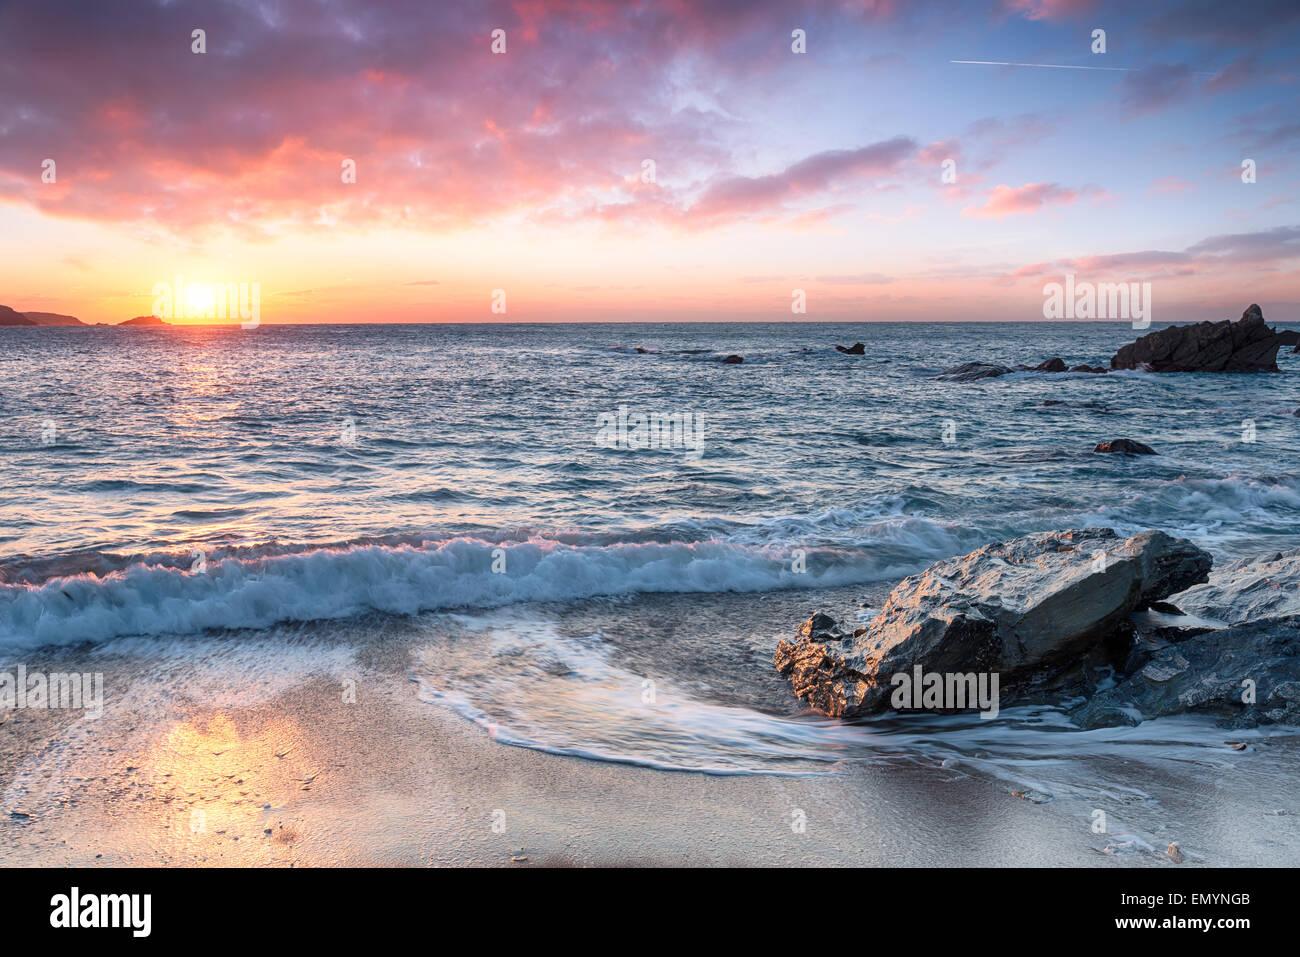 Hermosa playa en el atardecer. Imagen De Stock